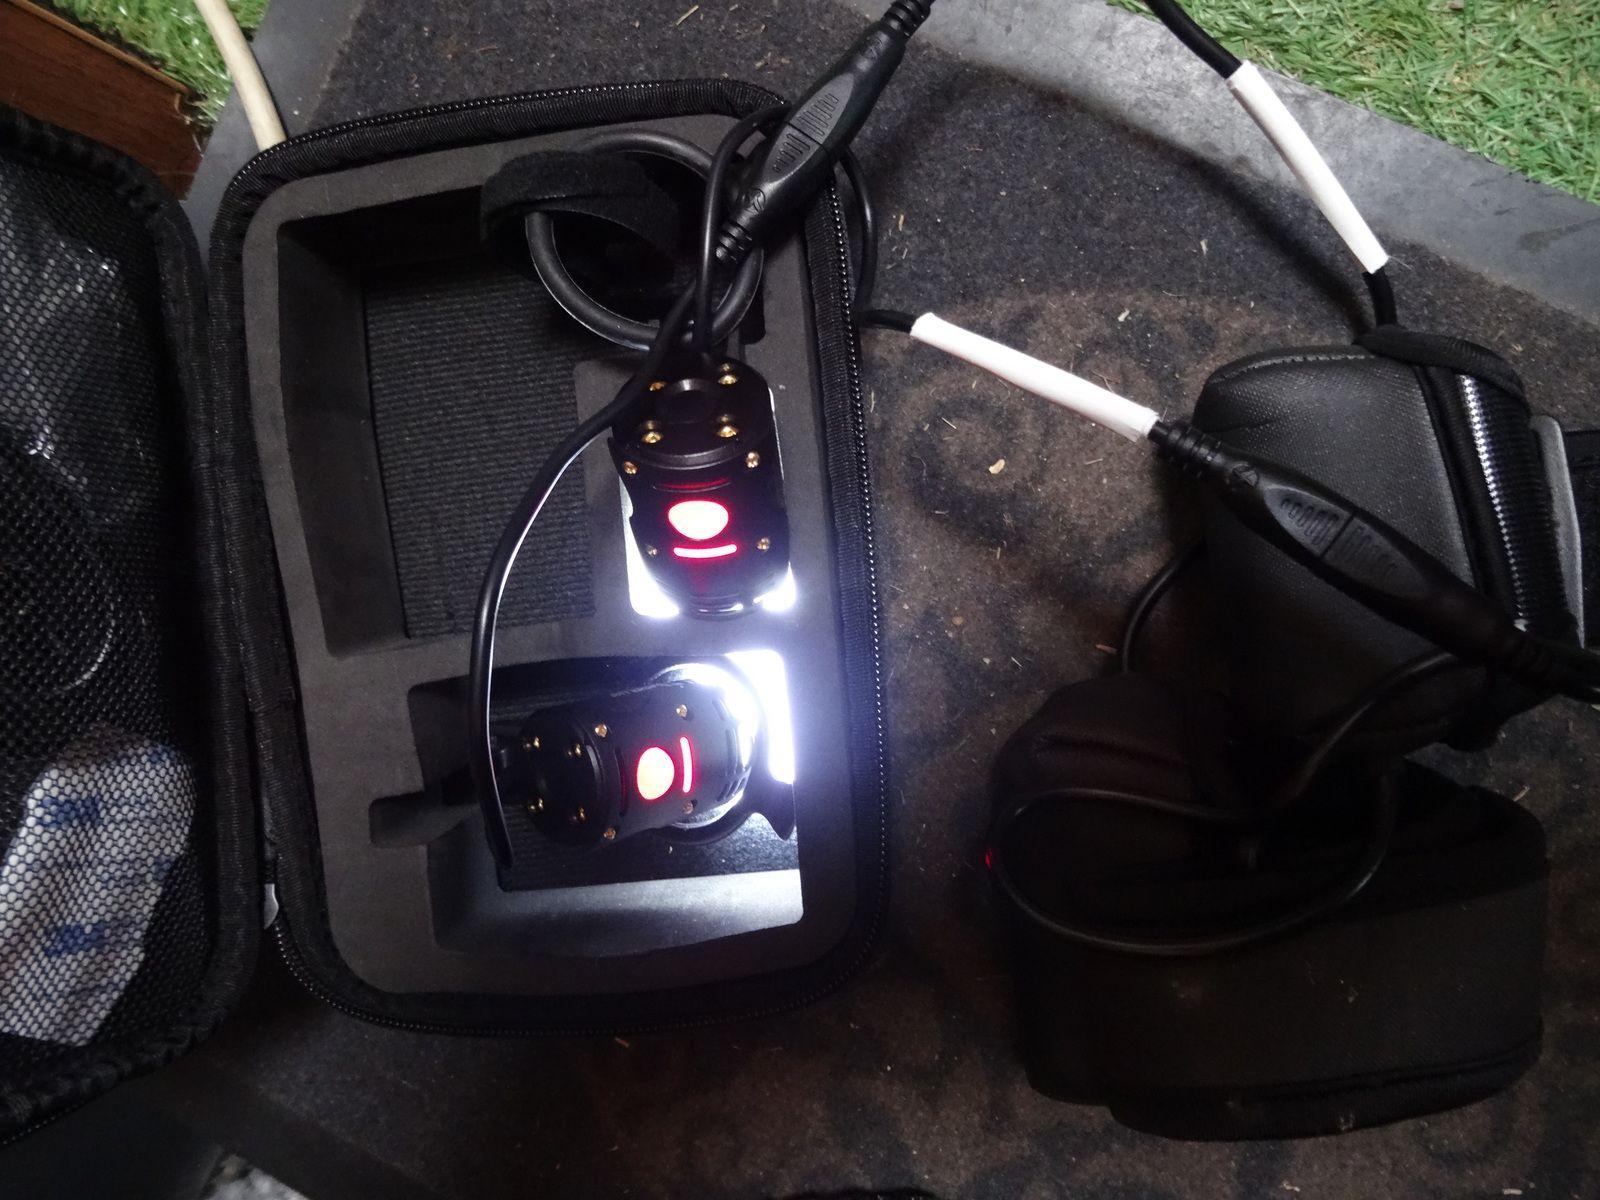 Test lampe THOR 1100 Spanninga sur une rando nocture le 9 octobre 2020 (Bédoin - 84)